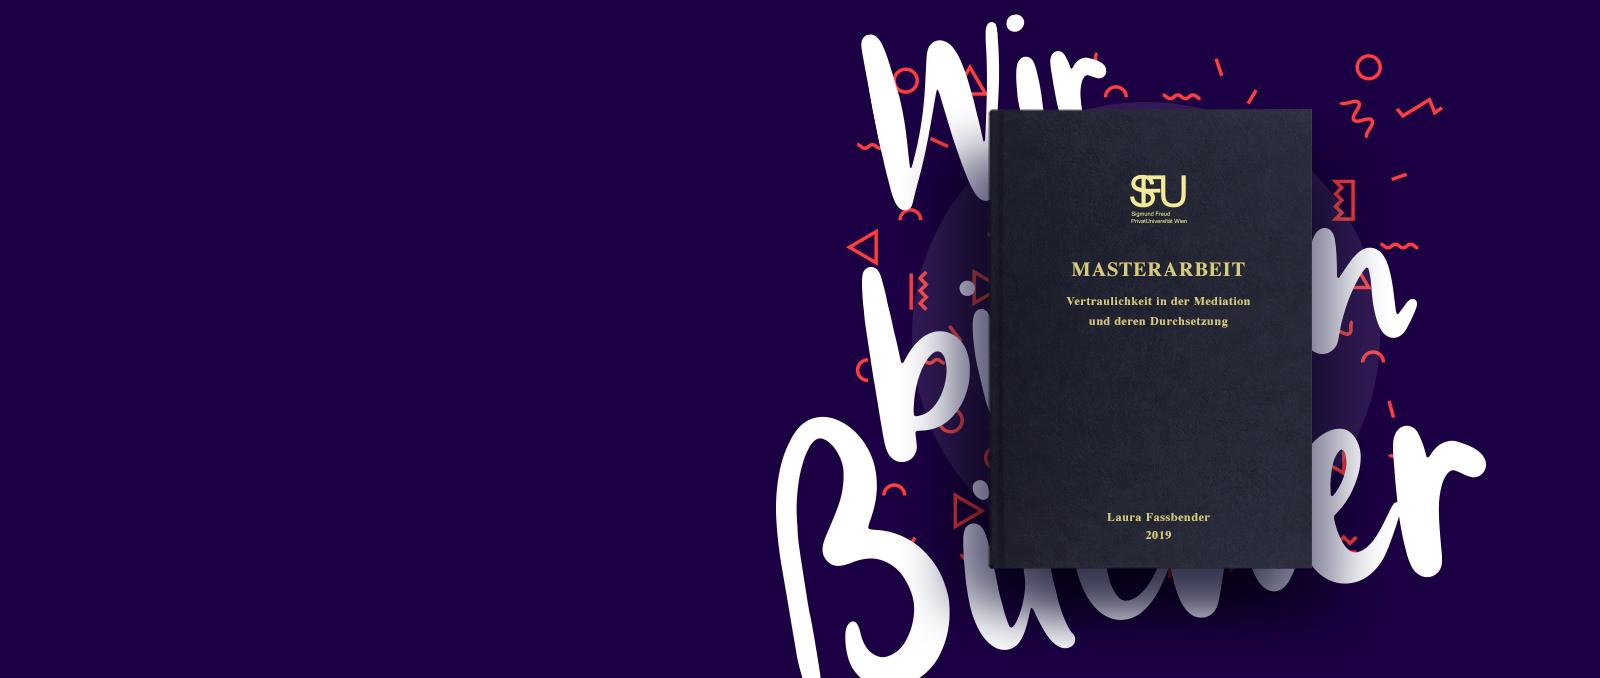 Masterarbeit drucken & binden Sigmund Freud Uni Wien